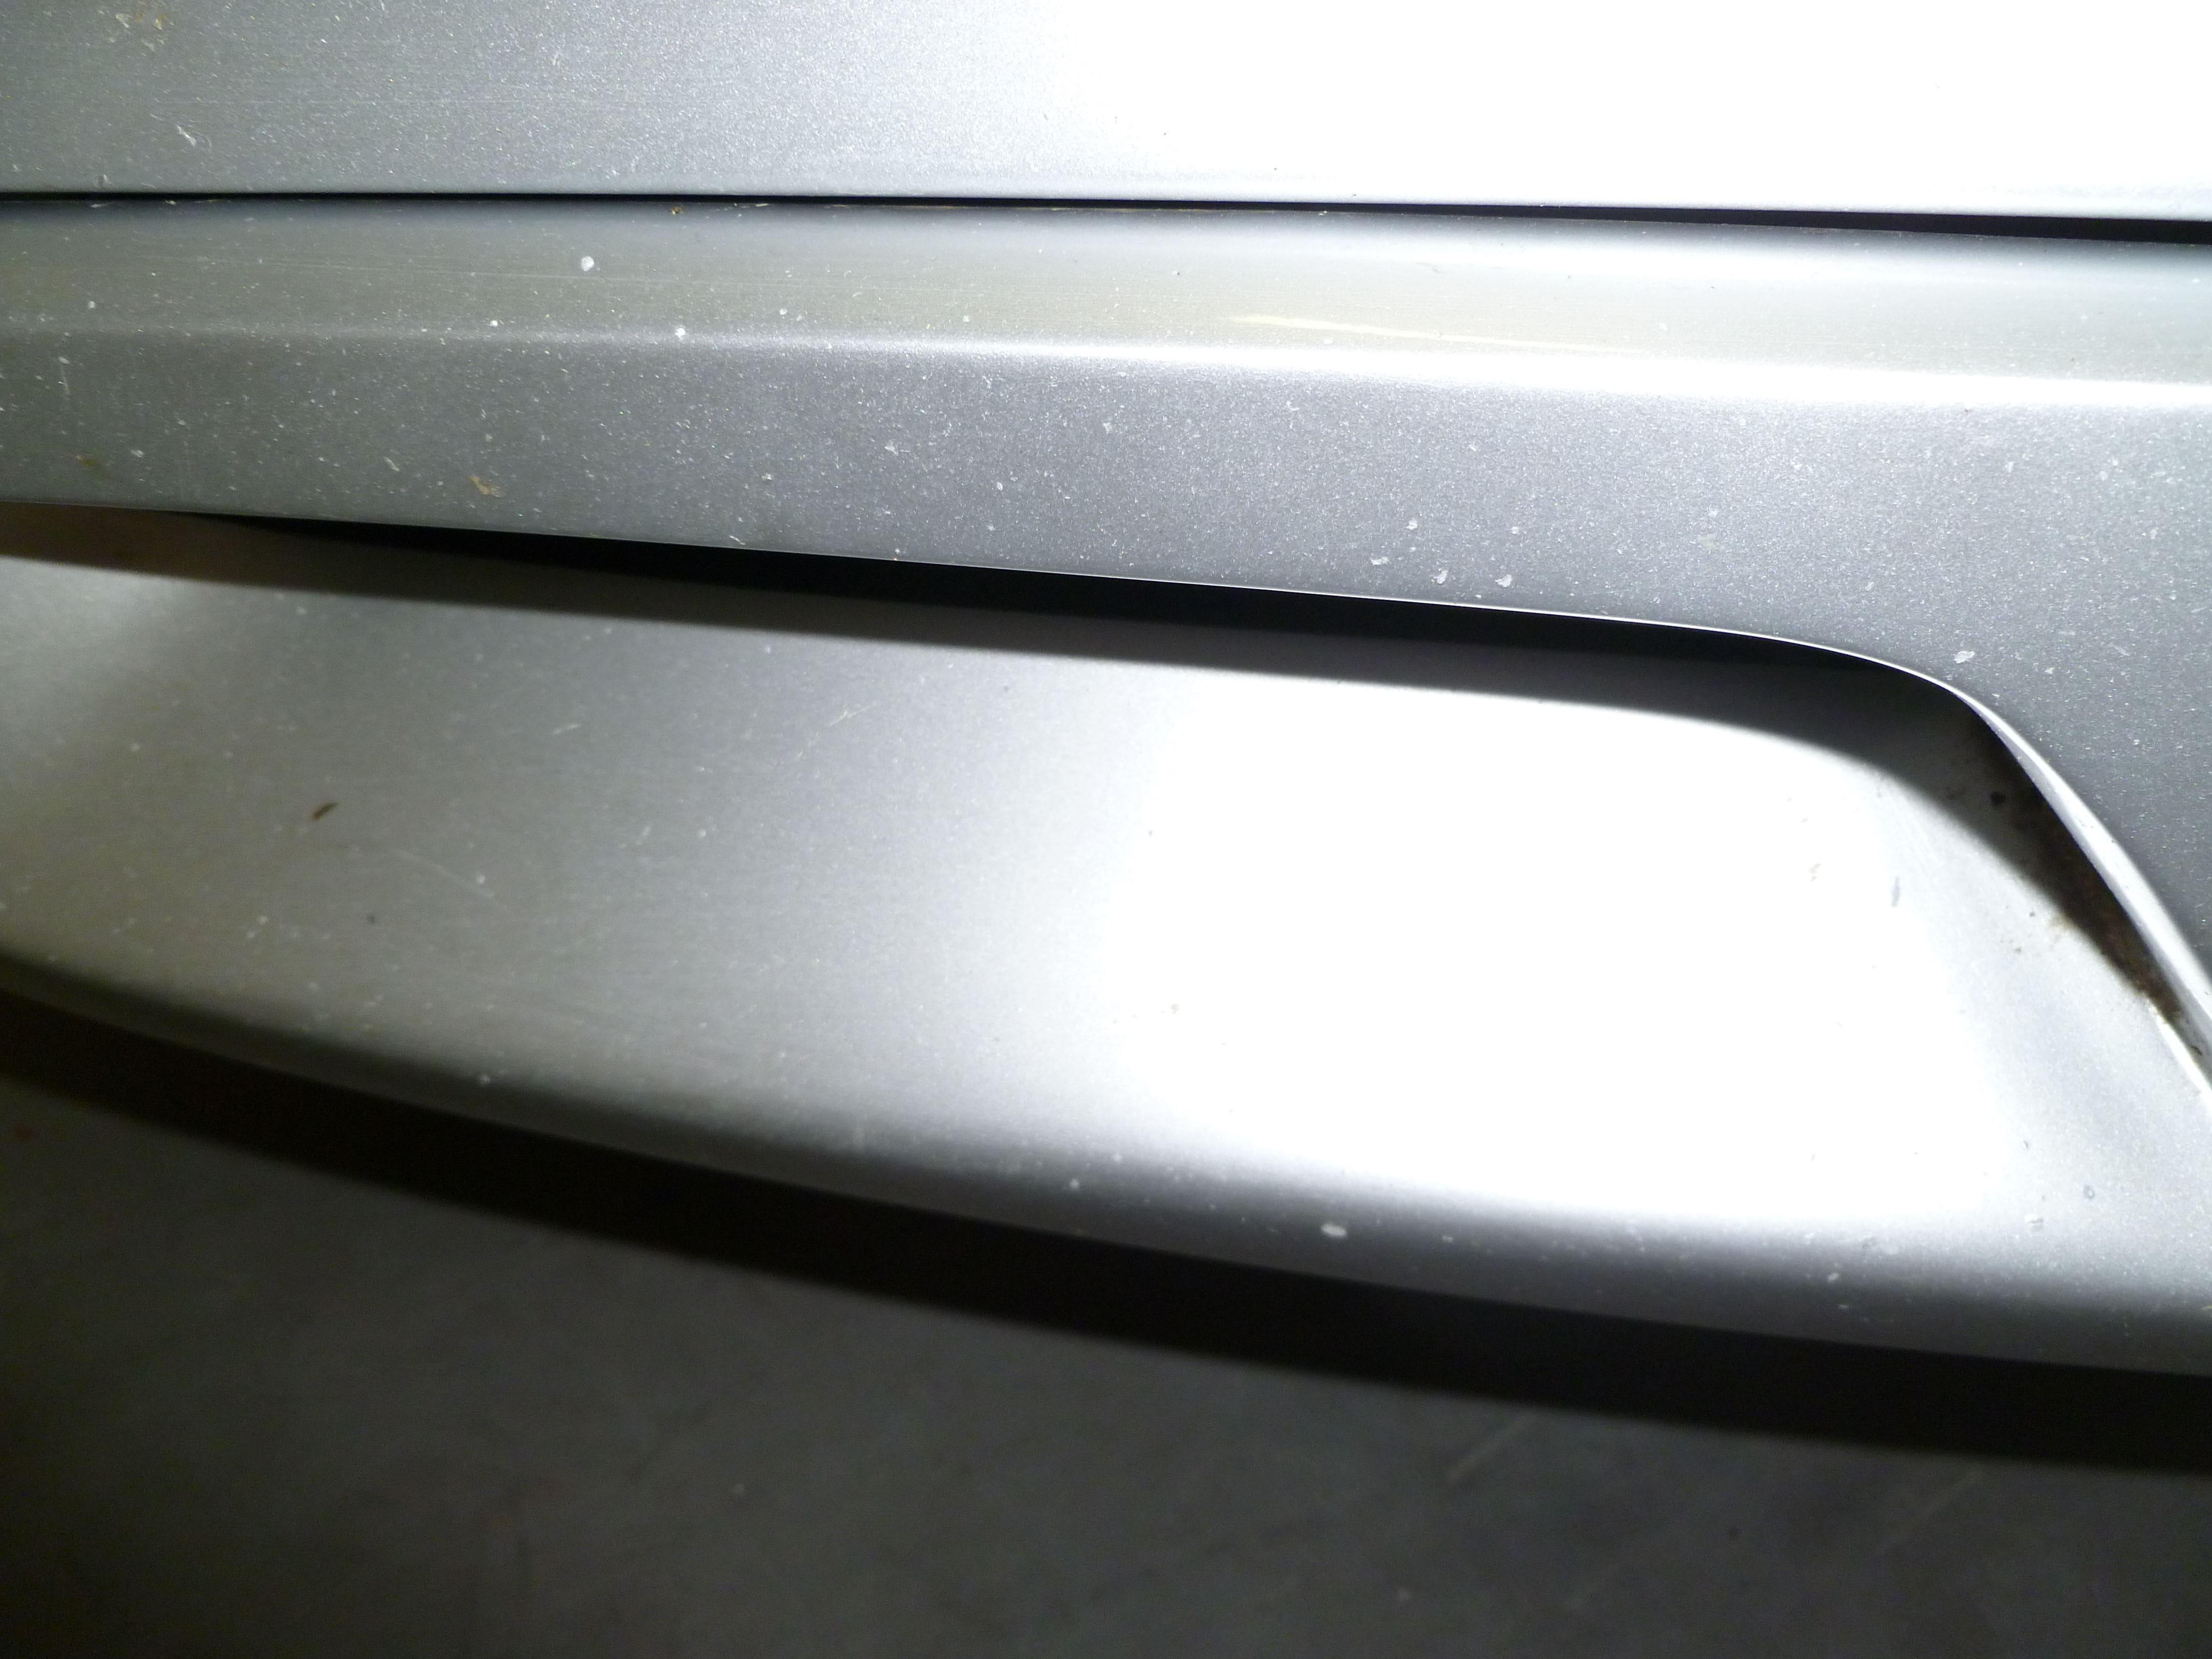 Audi Q7 met Mat Witte Wrap, Carwrapping door Wrapmyride.nu Foto-nr:4959, ©2021